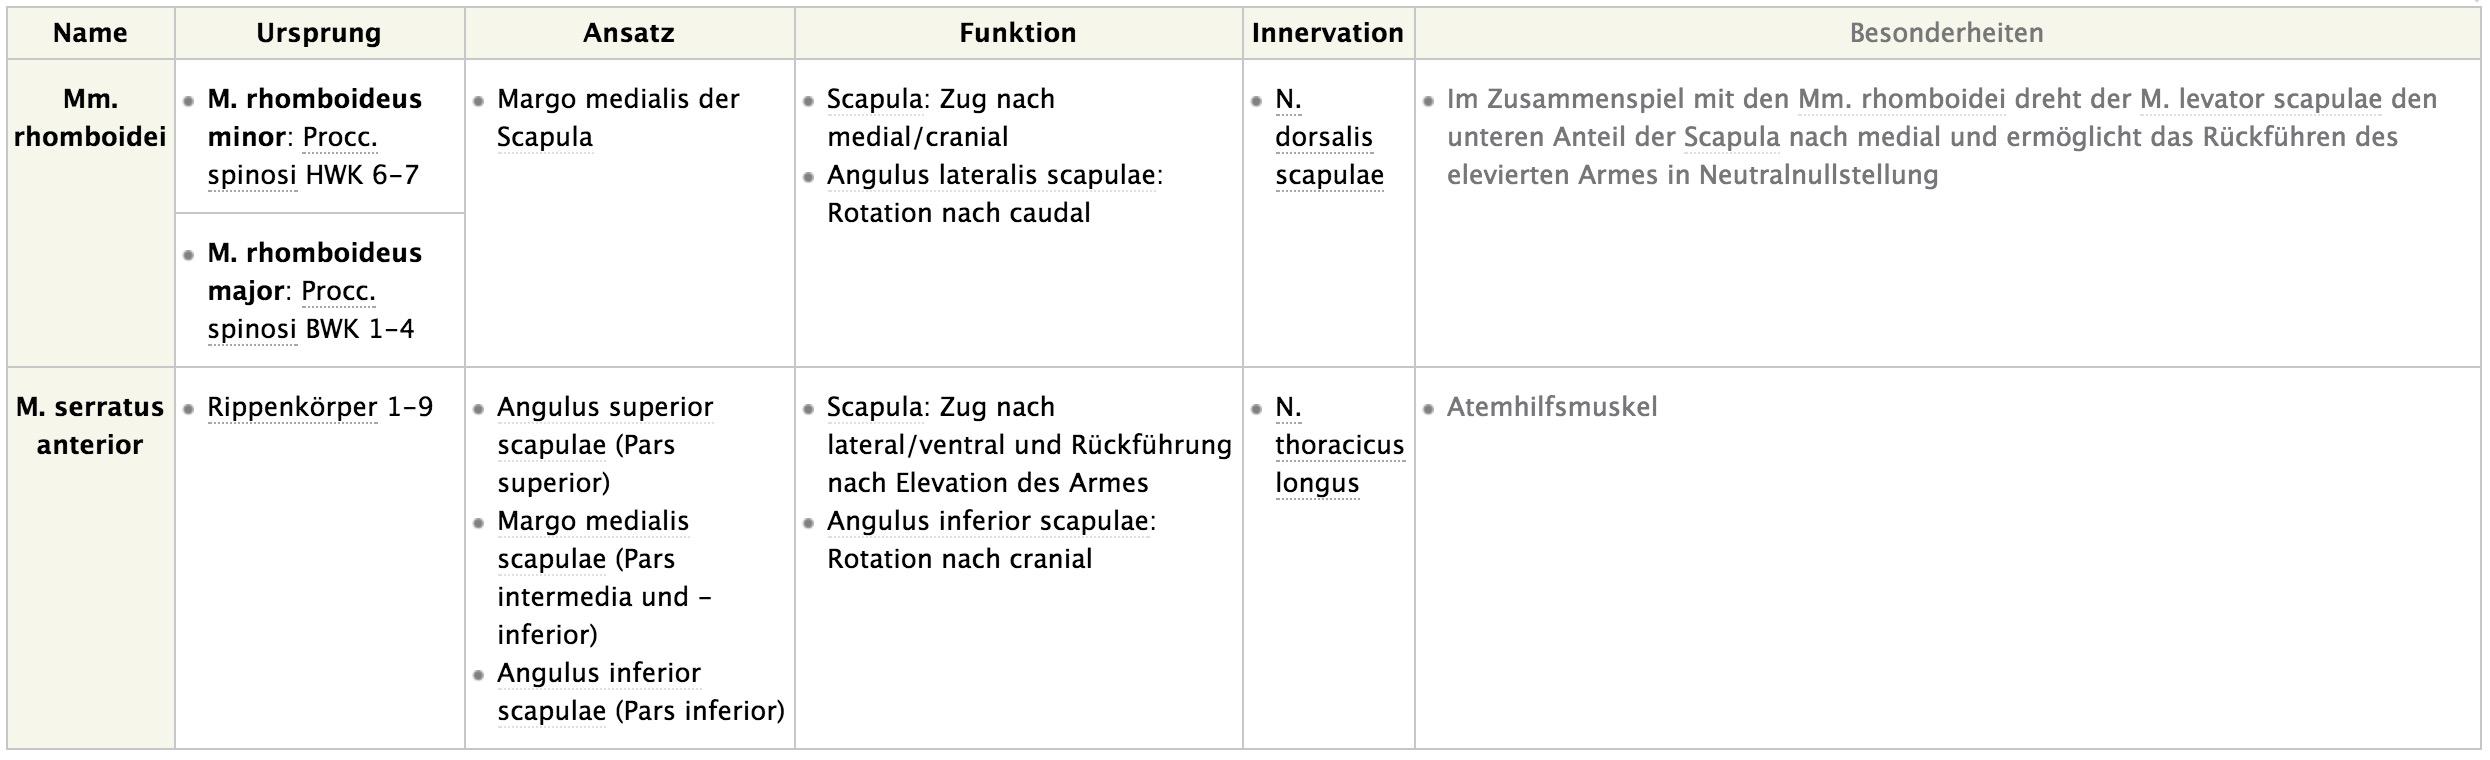 Schräge Muskelschlinge des Schultergürtels | Anatomie: obere ...